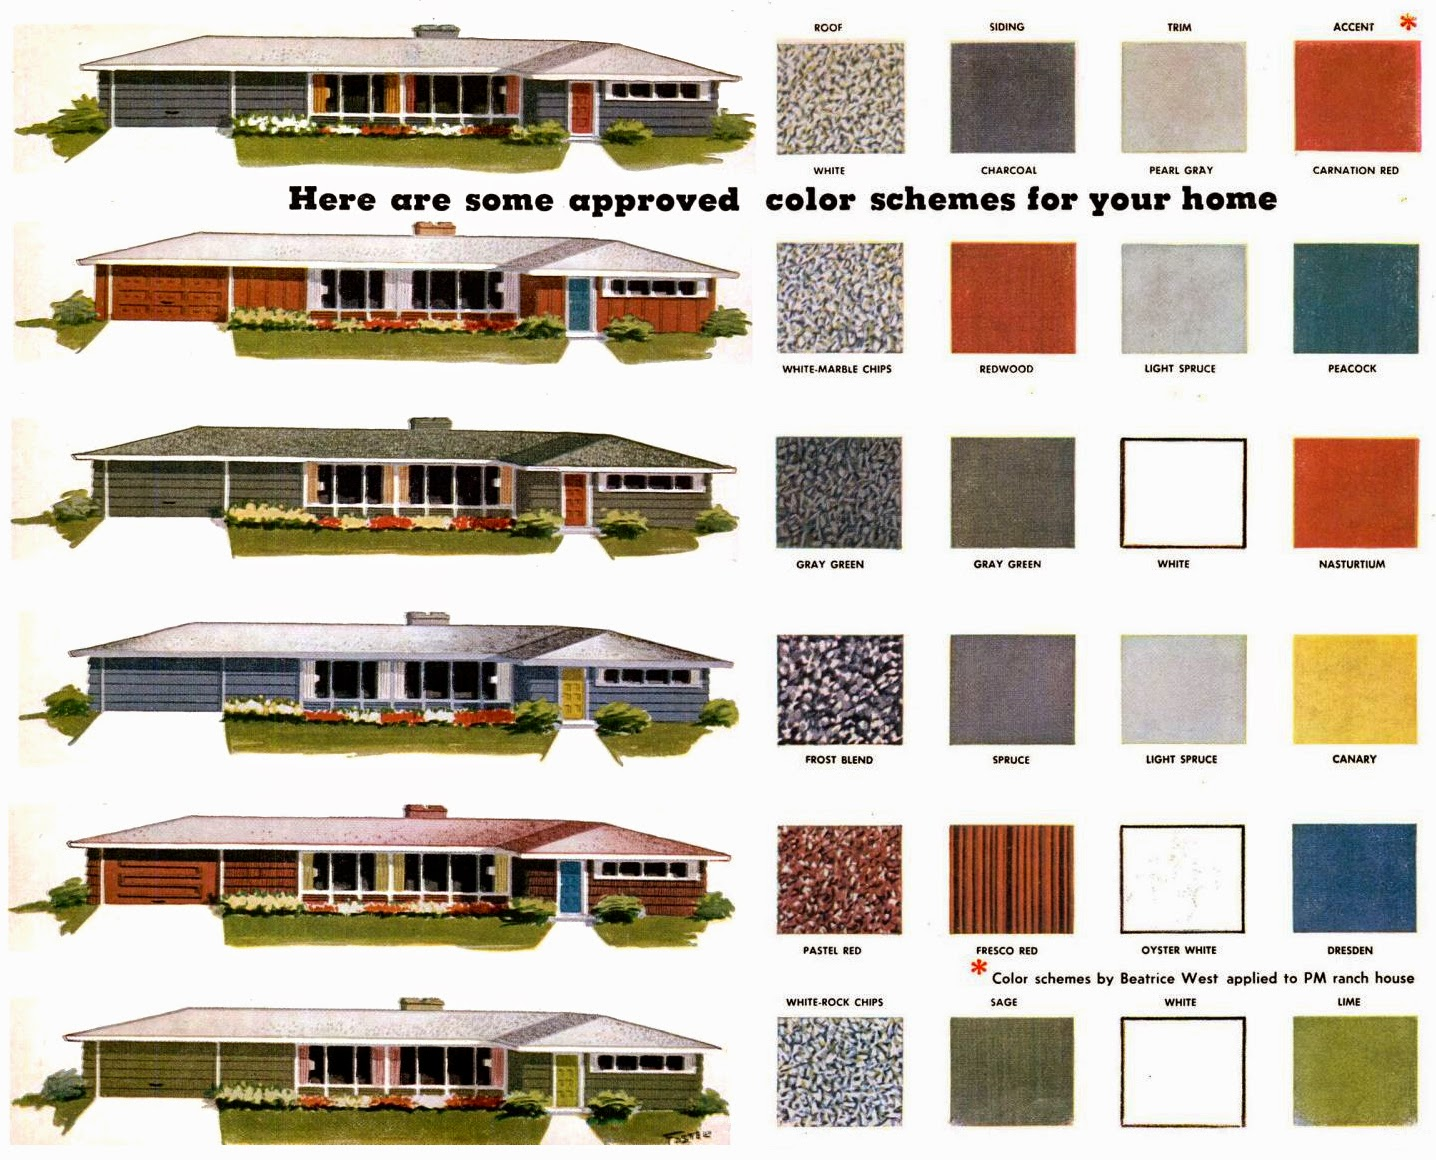 Tips memilih warna cat rumah bagus dan minimalis - Contoh Kombinasi Warna Dinding Luar Rumah Pemilihan Cat Eksterior Yang Bagus